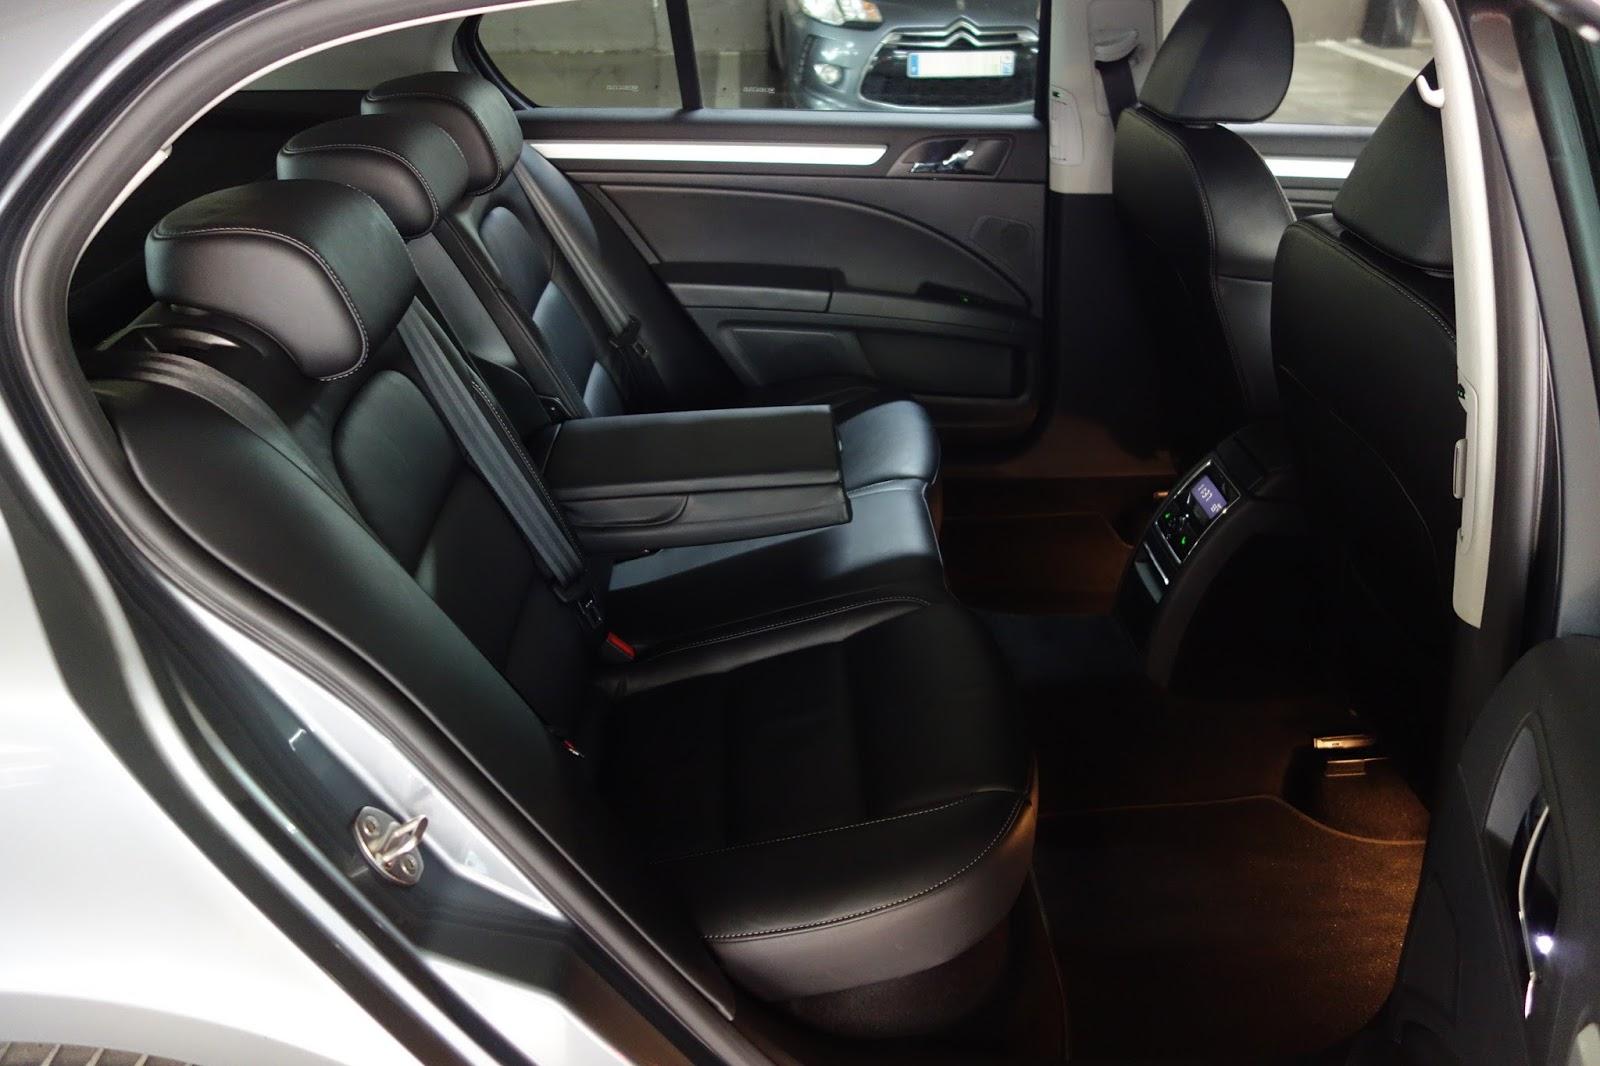 autocoach d p t vente automobile paris. Black Bedroom Furniture Sets. Home Design Ideas